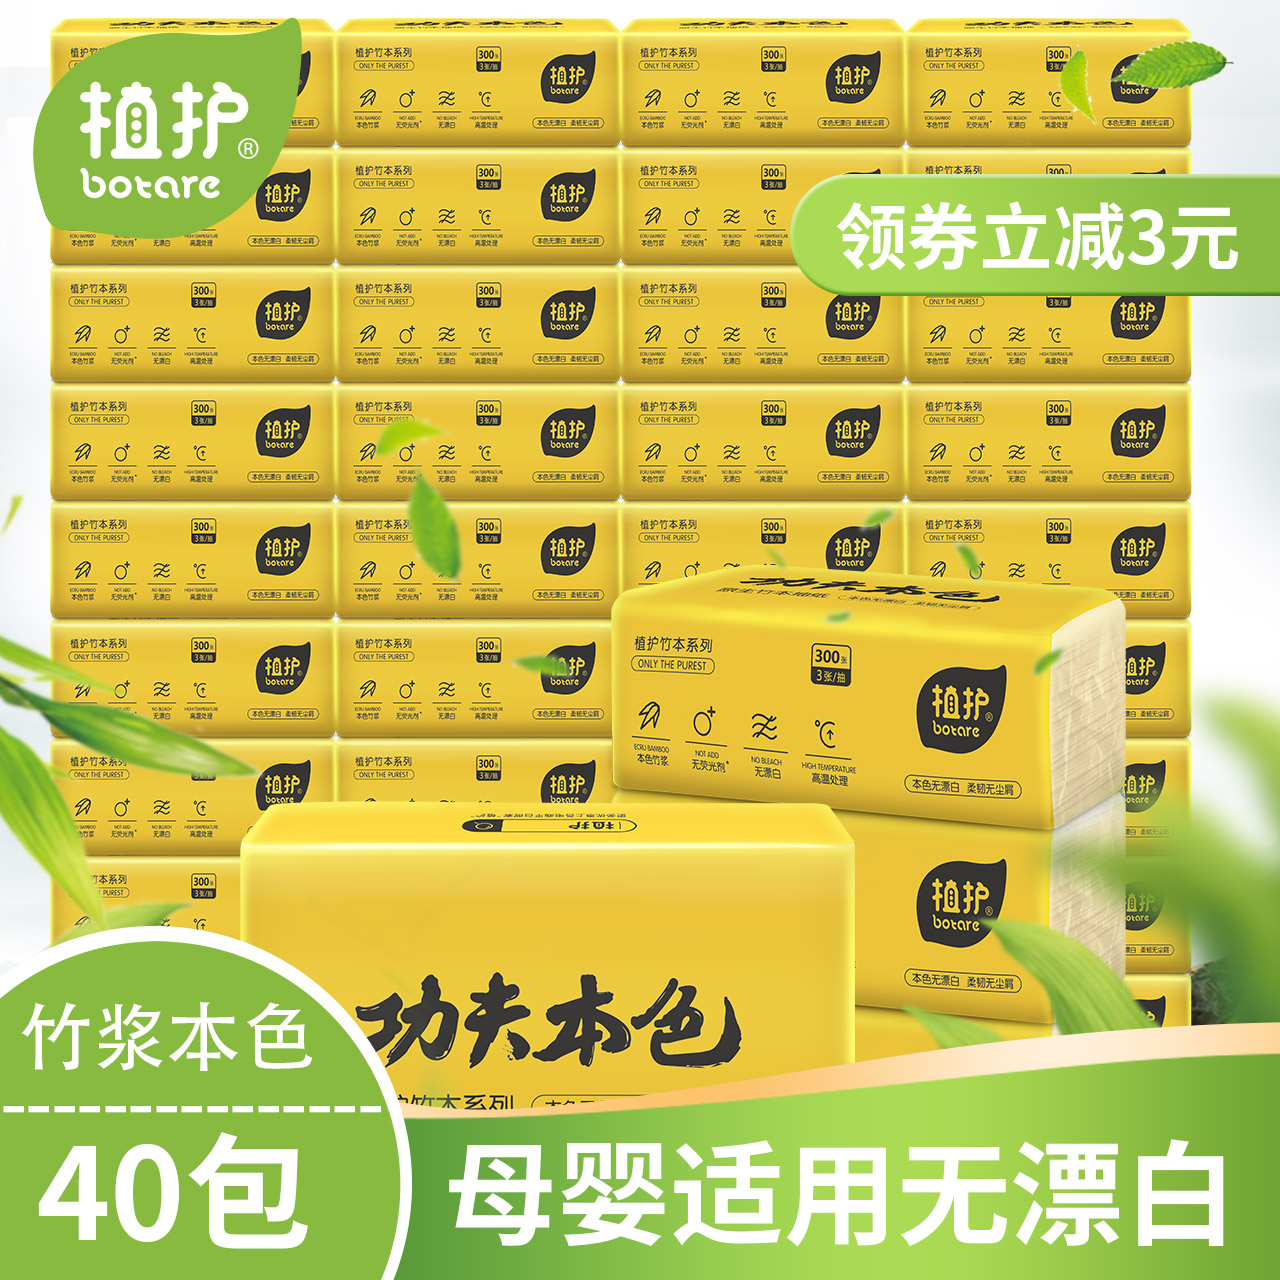 植护竹浆本色抽纸40包抽取式面巾纸巾餐巾纸卫生纸整箱家庭装批发